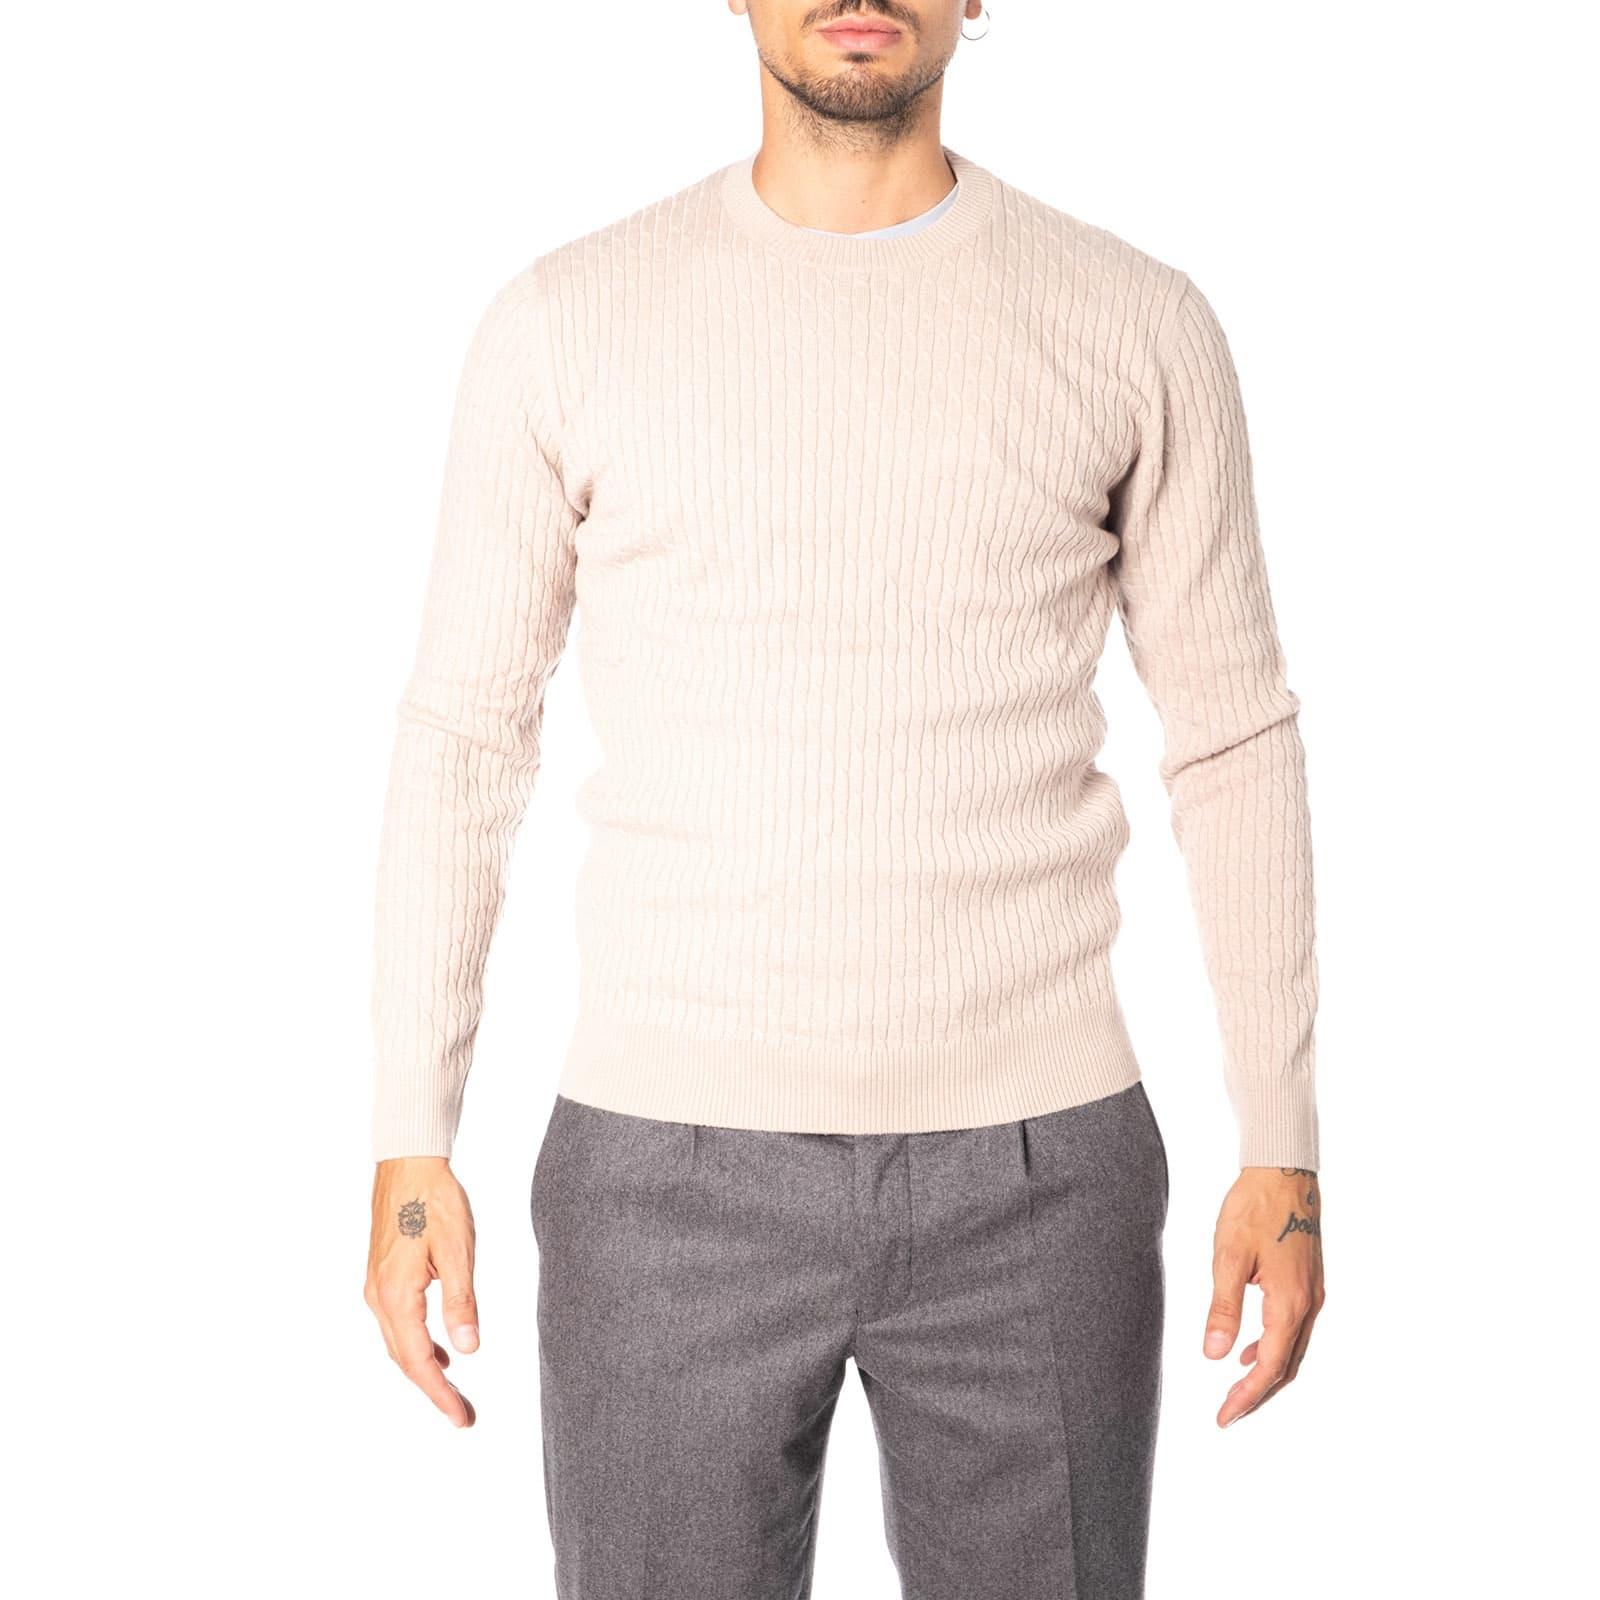 Kangra Merino Wool Sweater